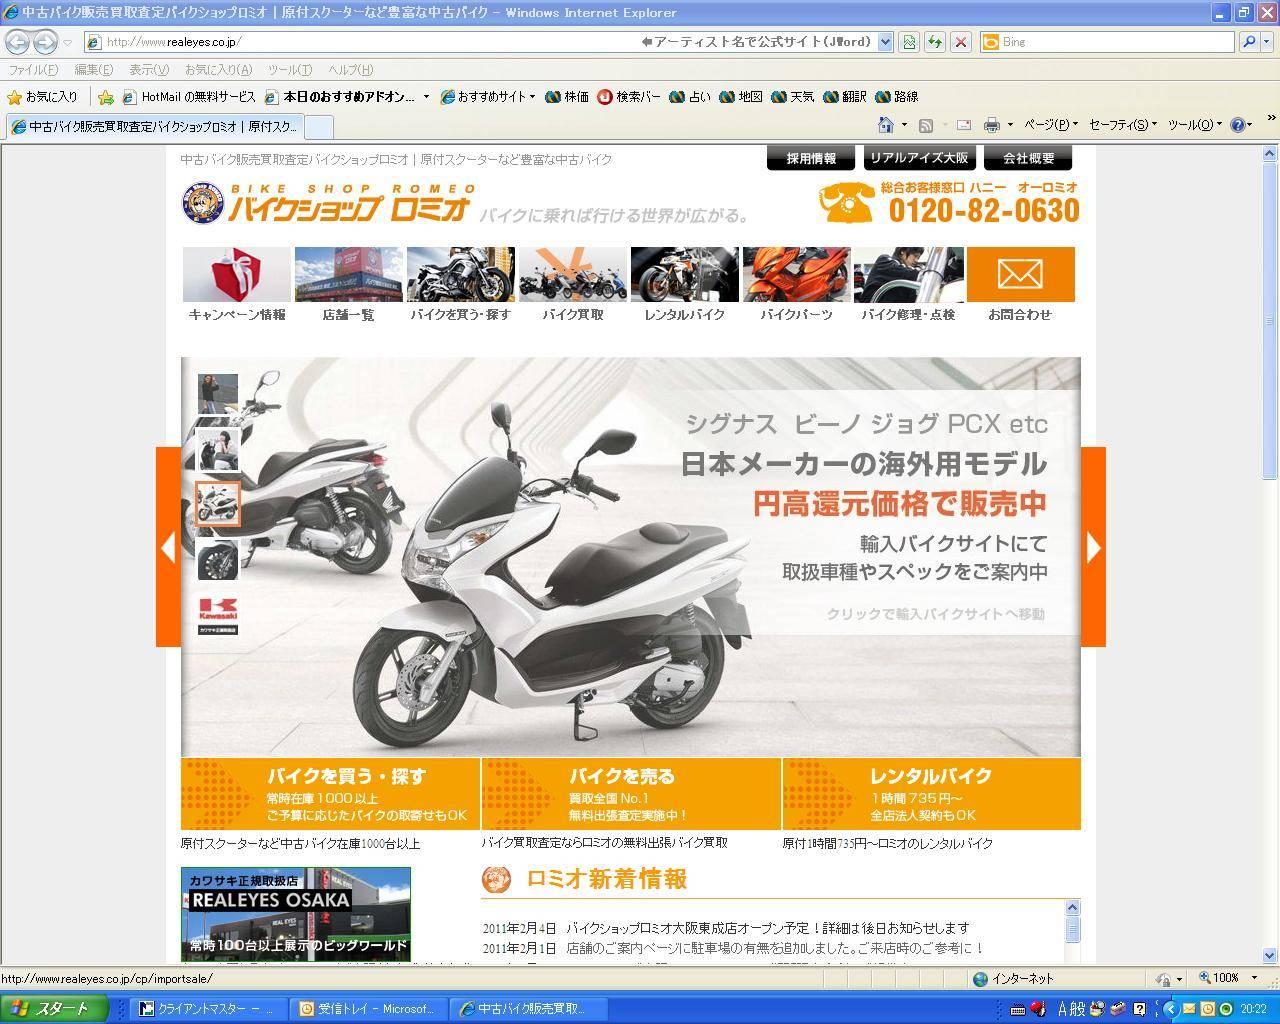 バイクショップロミオ 大阪東成店